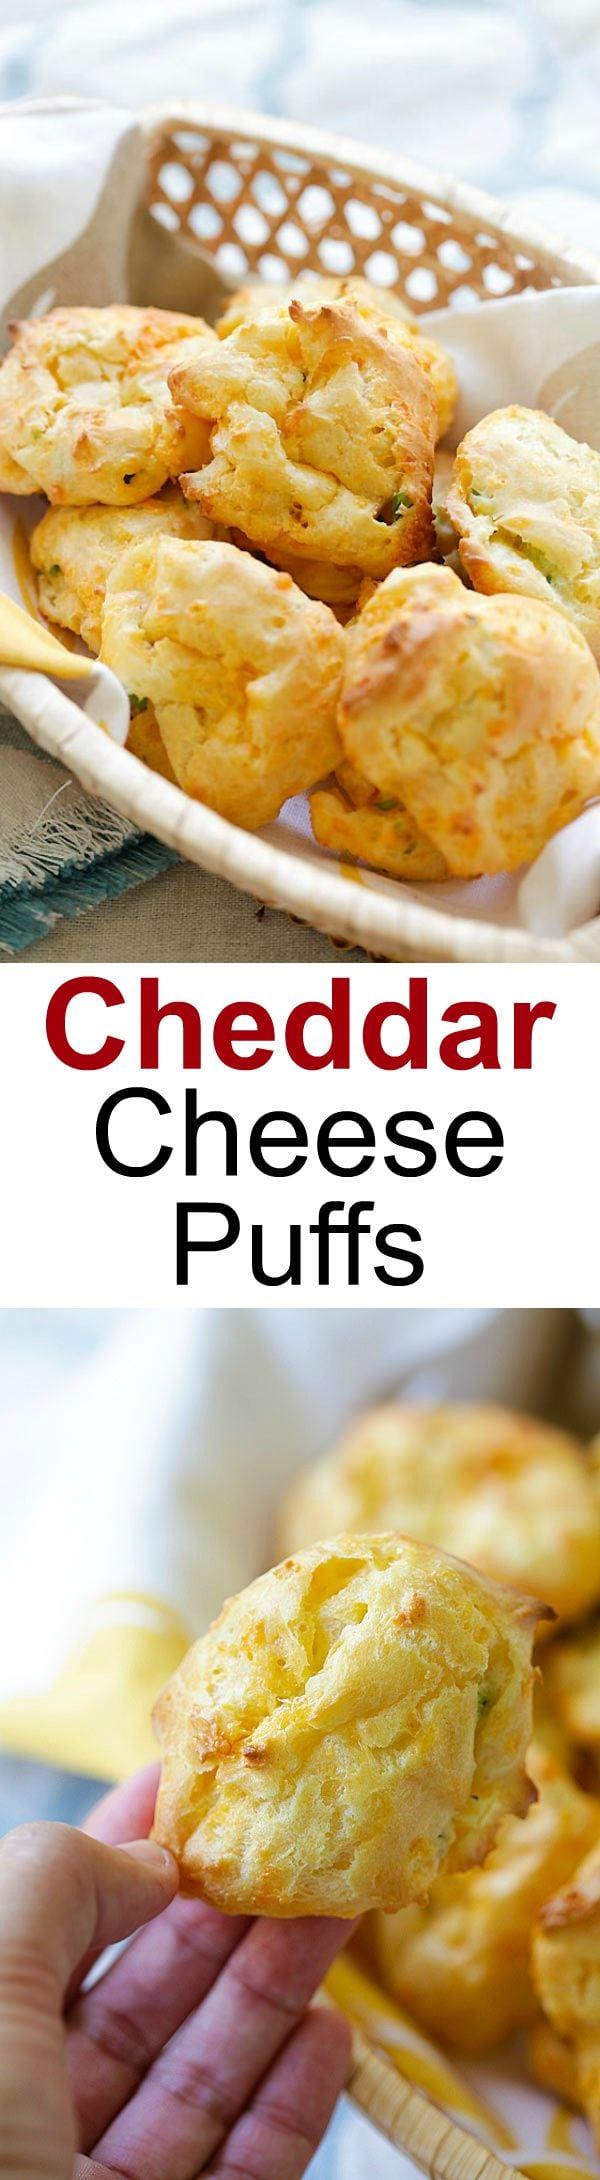 Choux au fromage cheddar - Pâte feuilletée française chargée de fromage cheddar et d'oignons verts hachés, si beurrée, fromagée, délicieuse et facile à préparer!  |  rasamalaysia.com